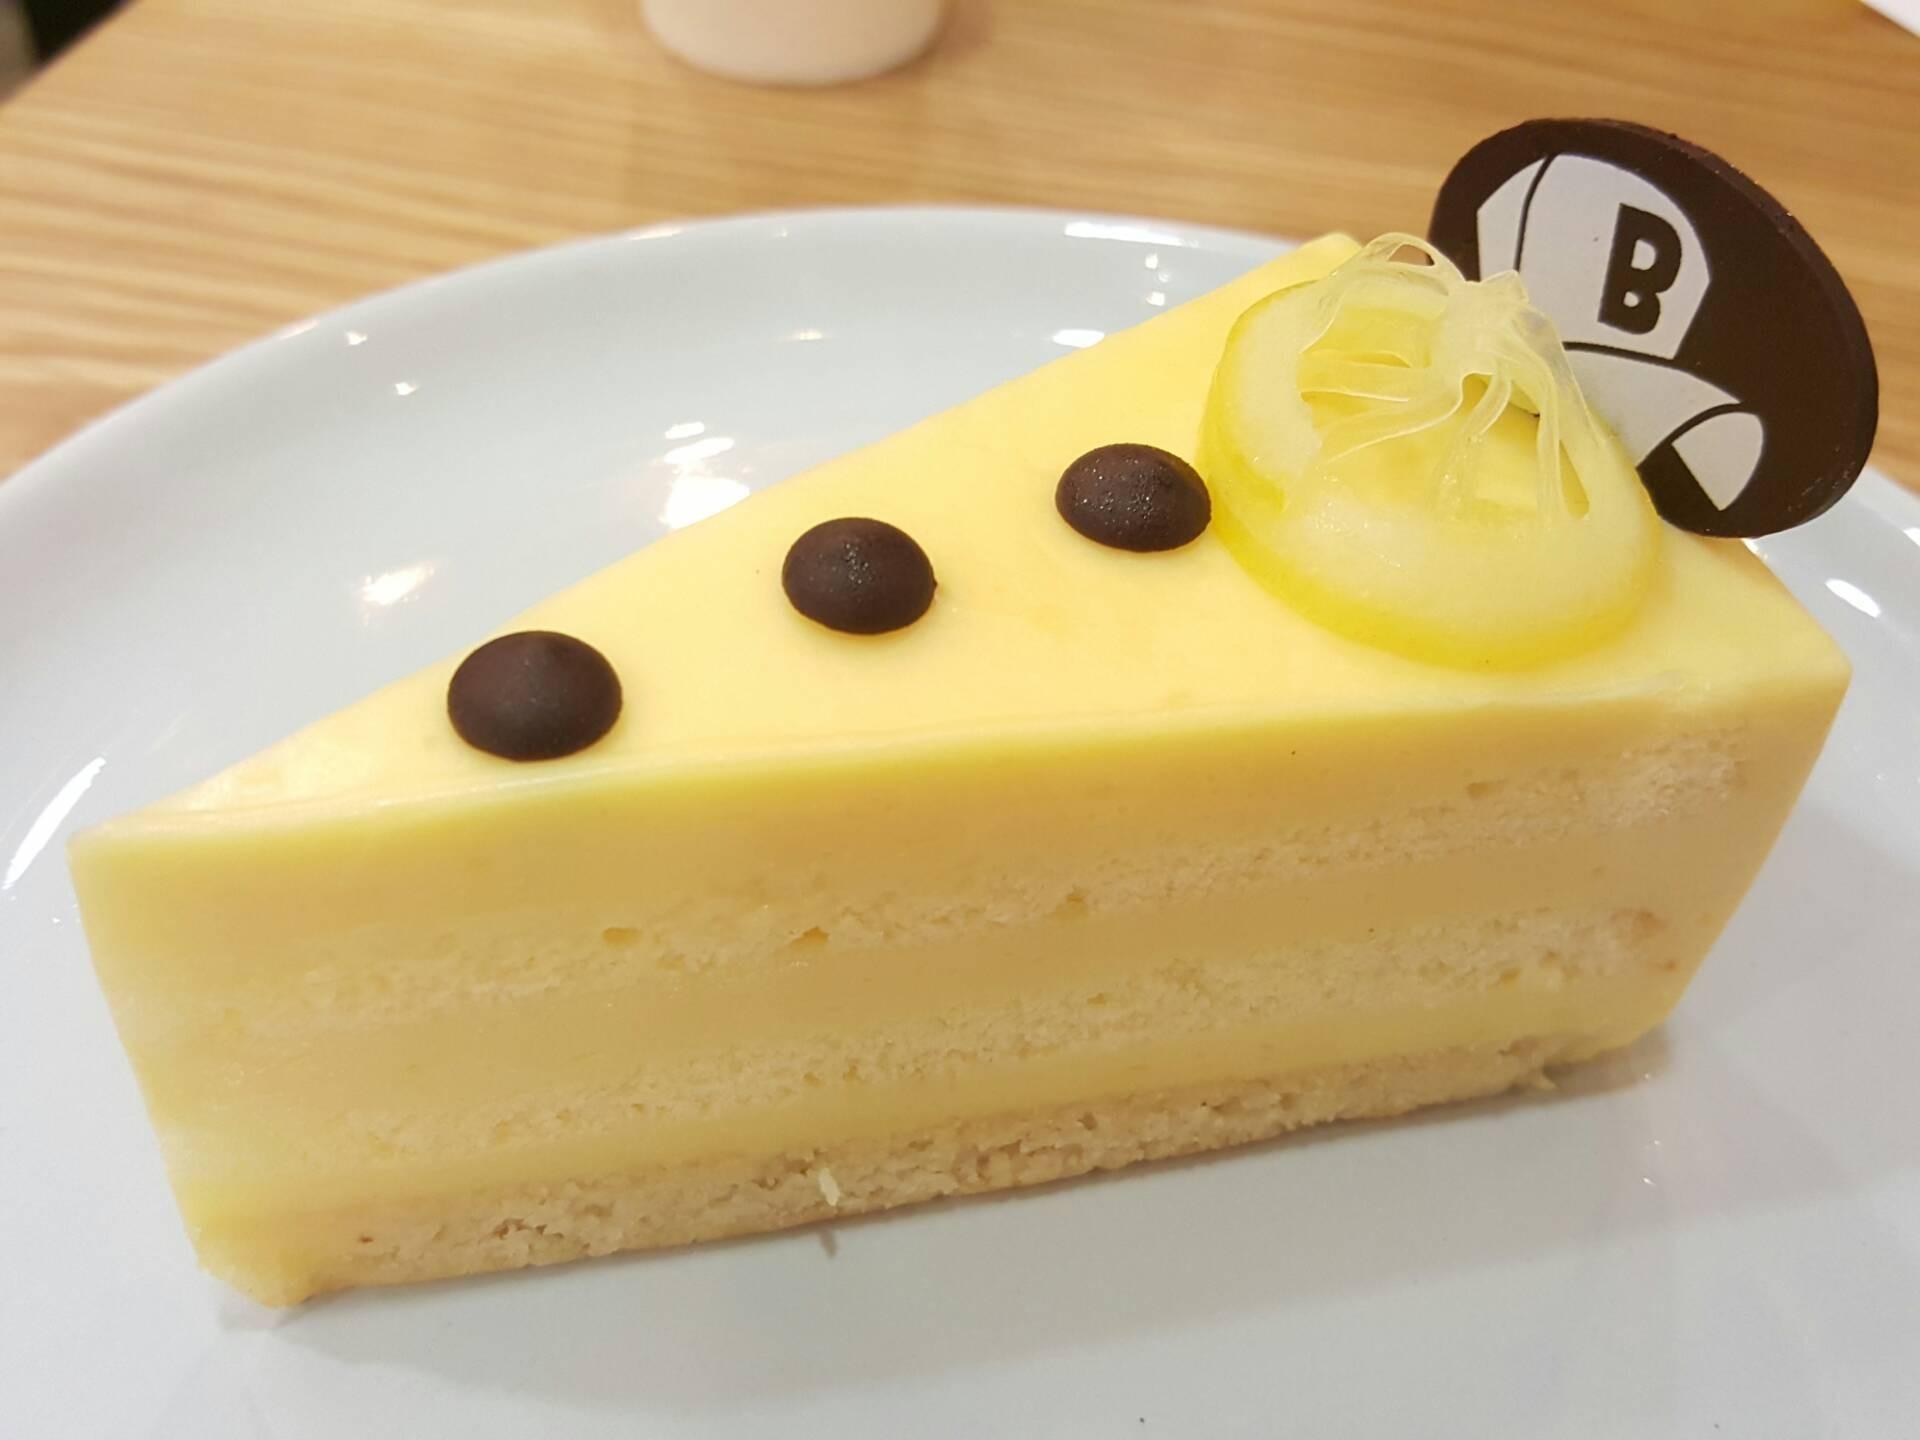 Lemon cake ดู layer และสีสันสวยดีเลยจ๊ะ